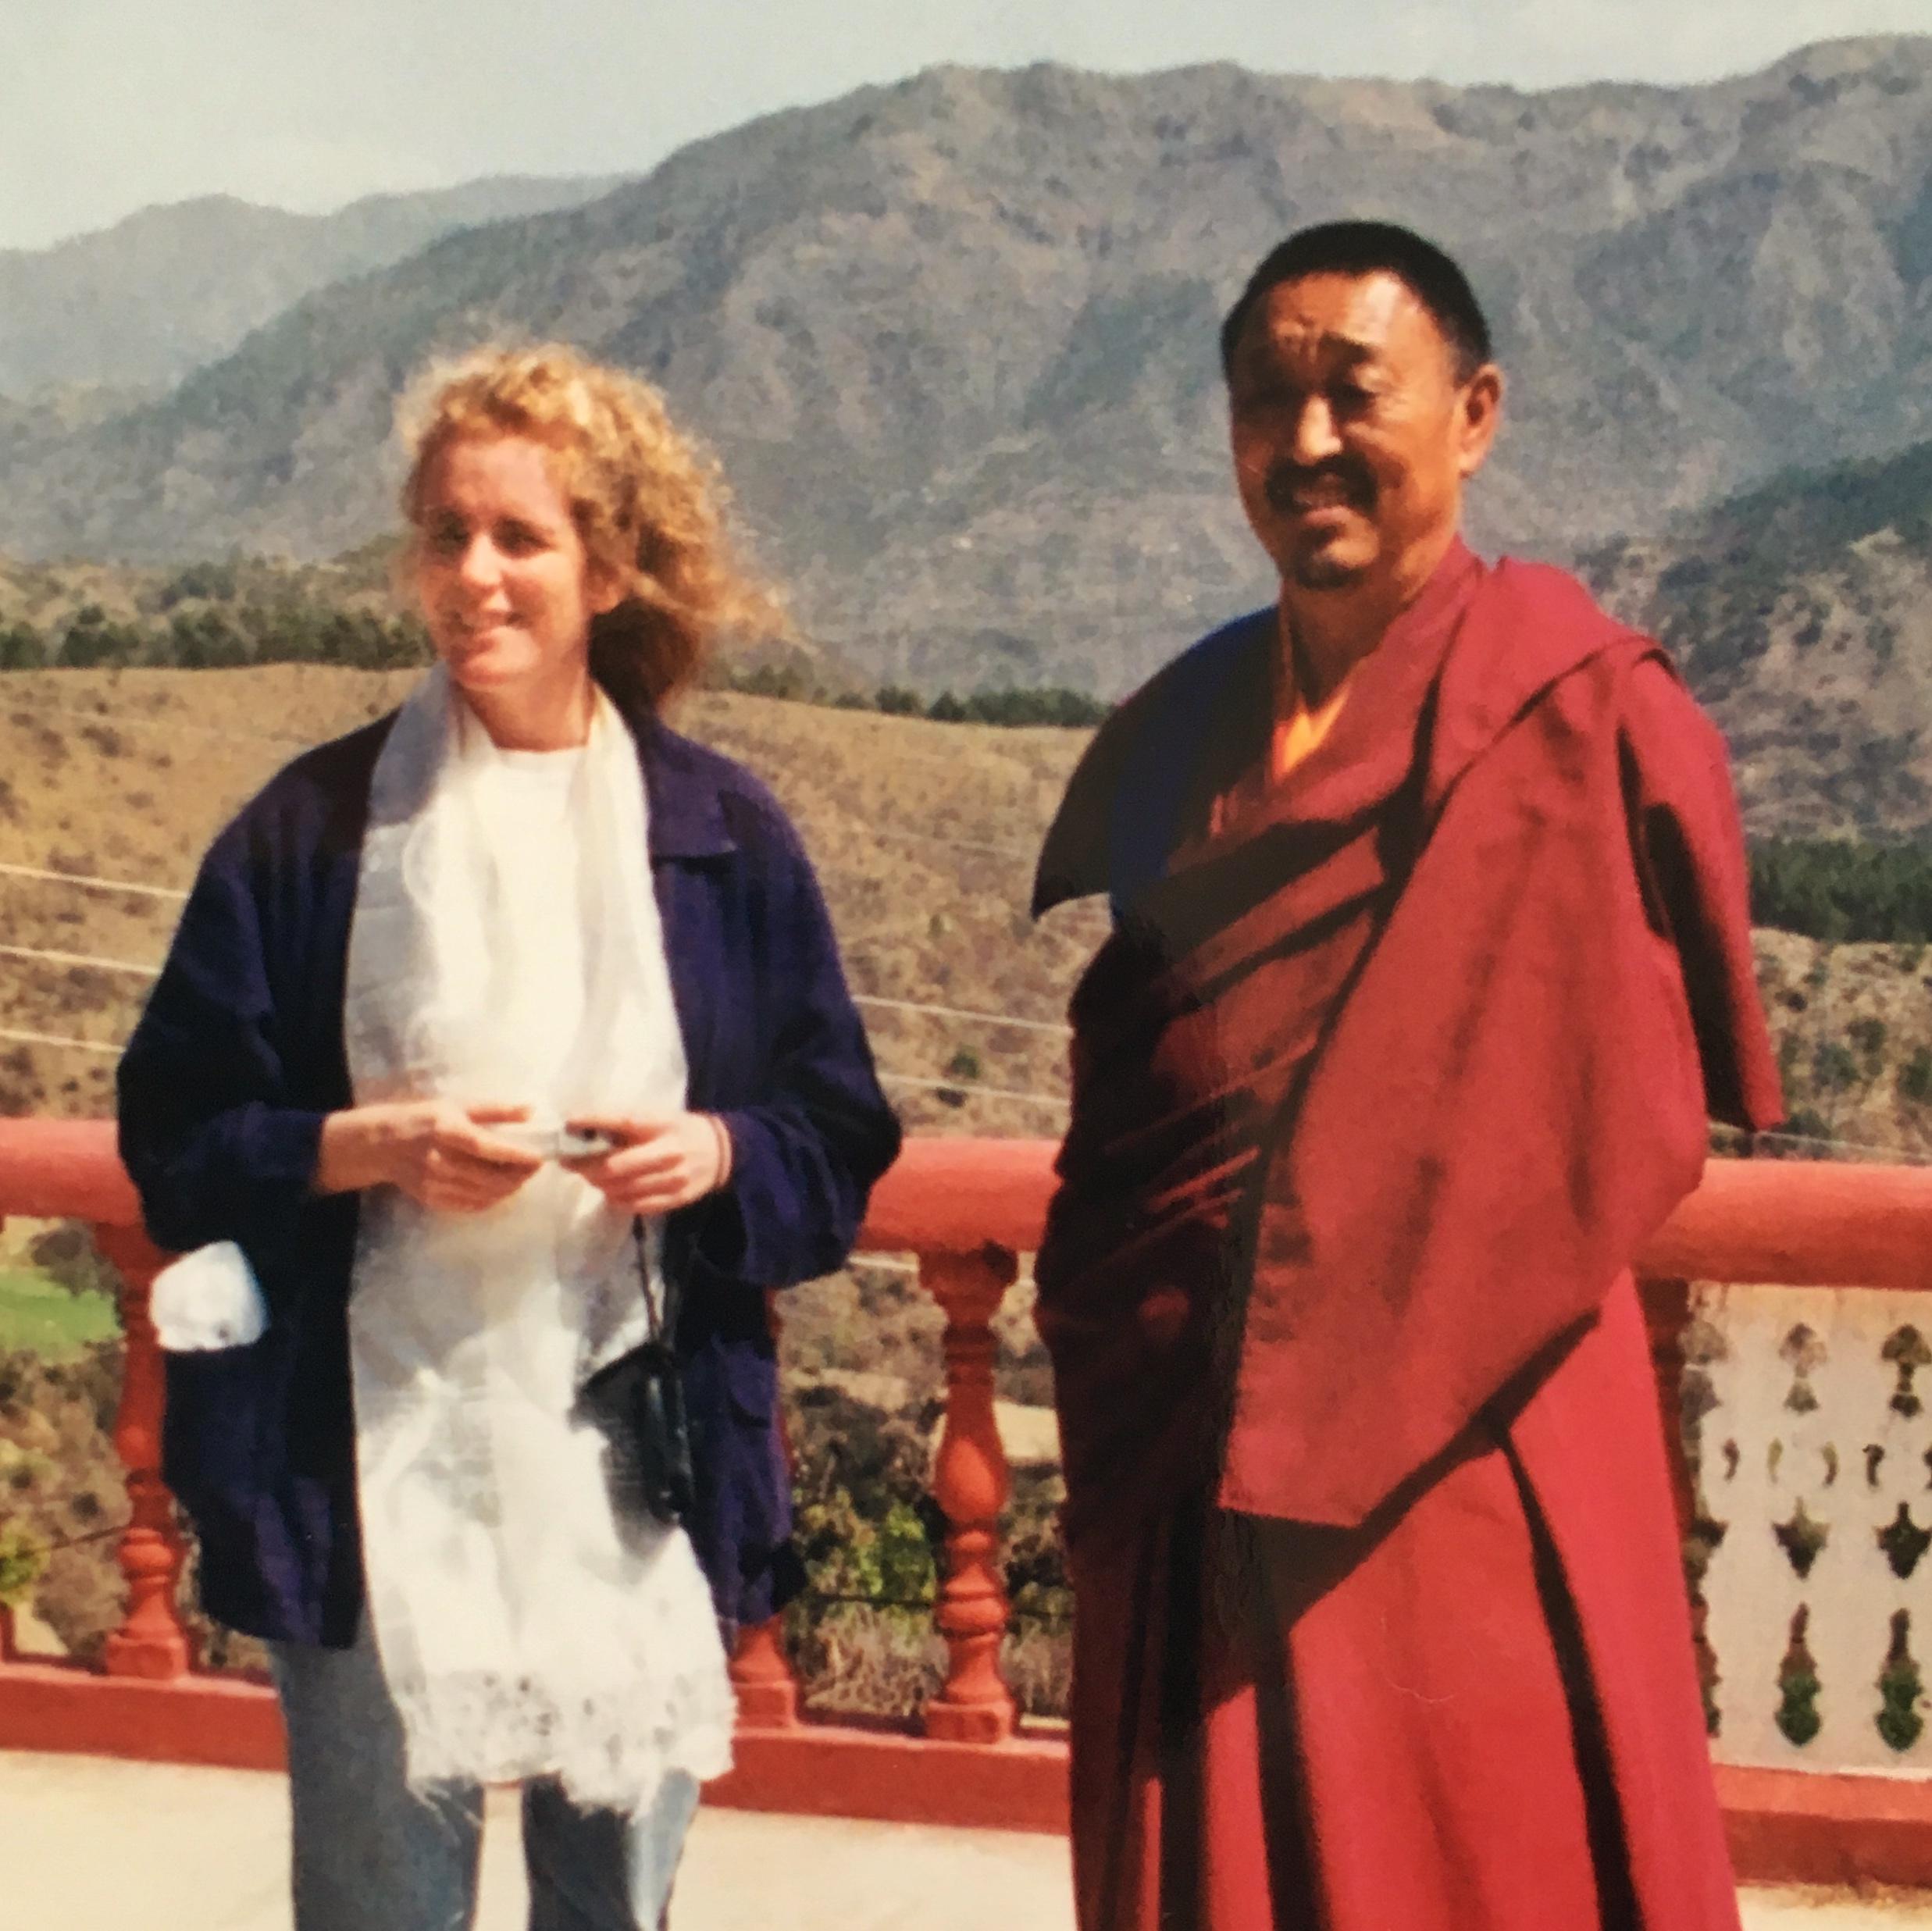 me-and-abbott-menri-2001.JPG